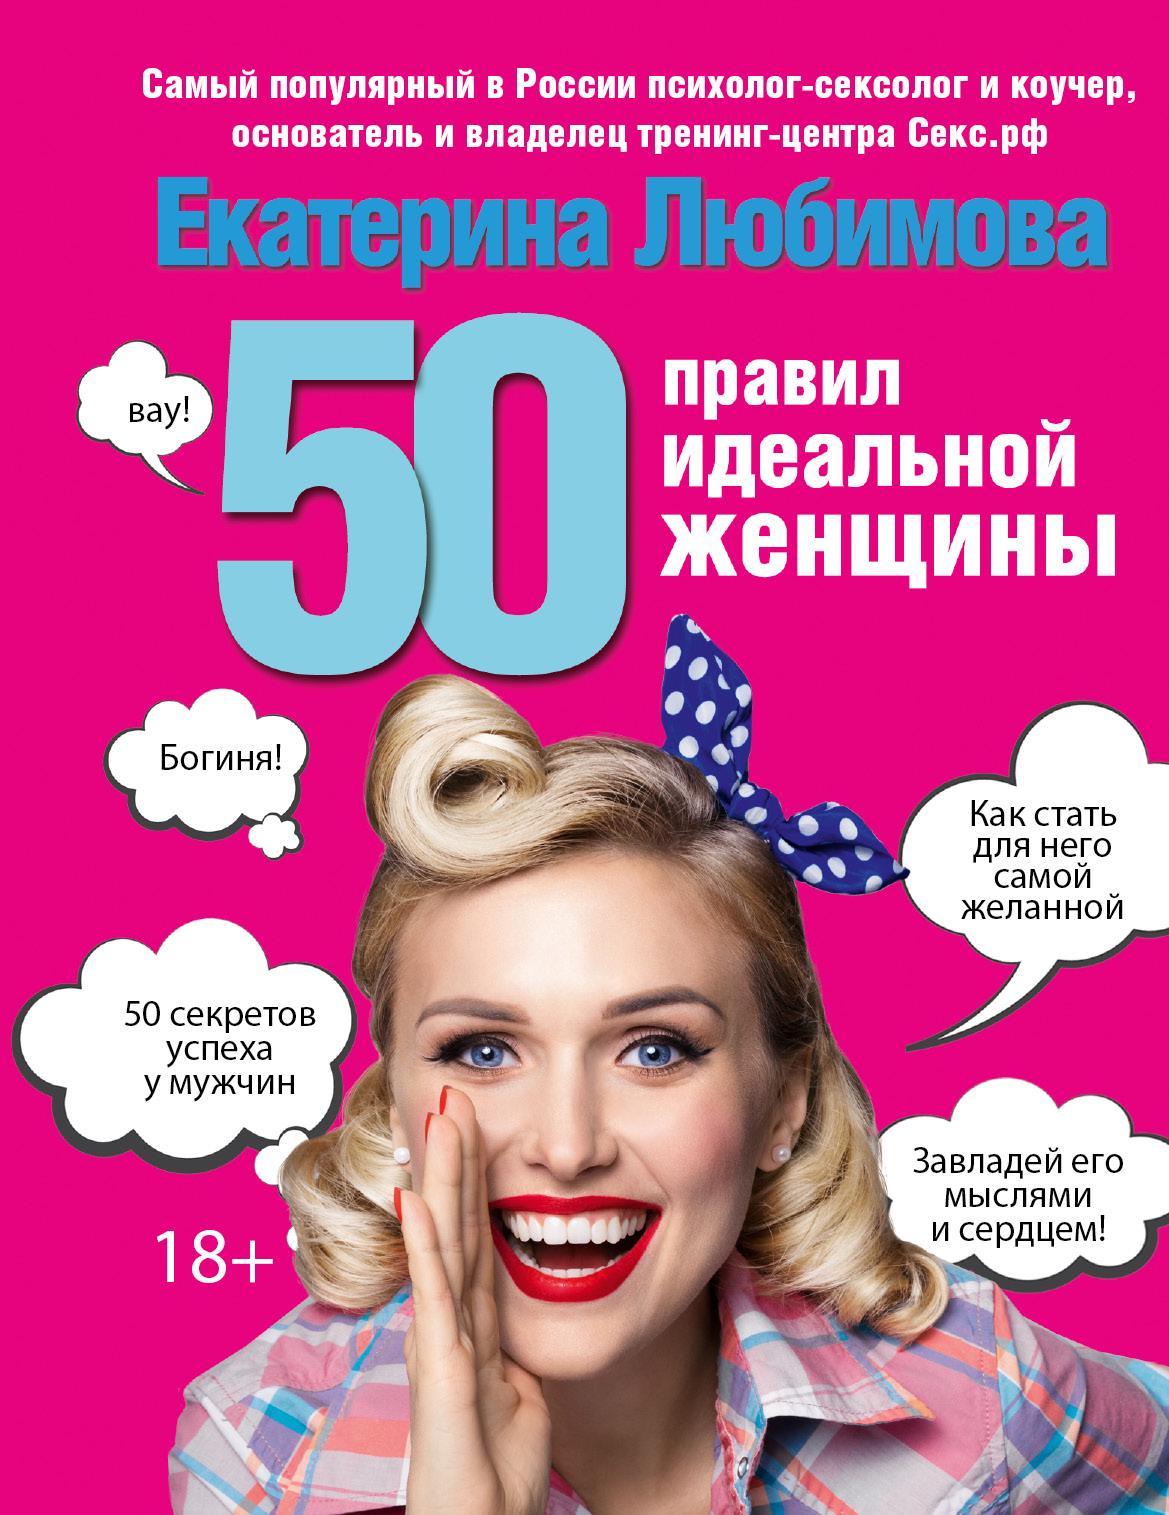 50 правил идеальной женщины.